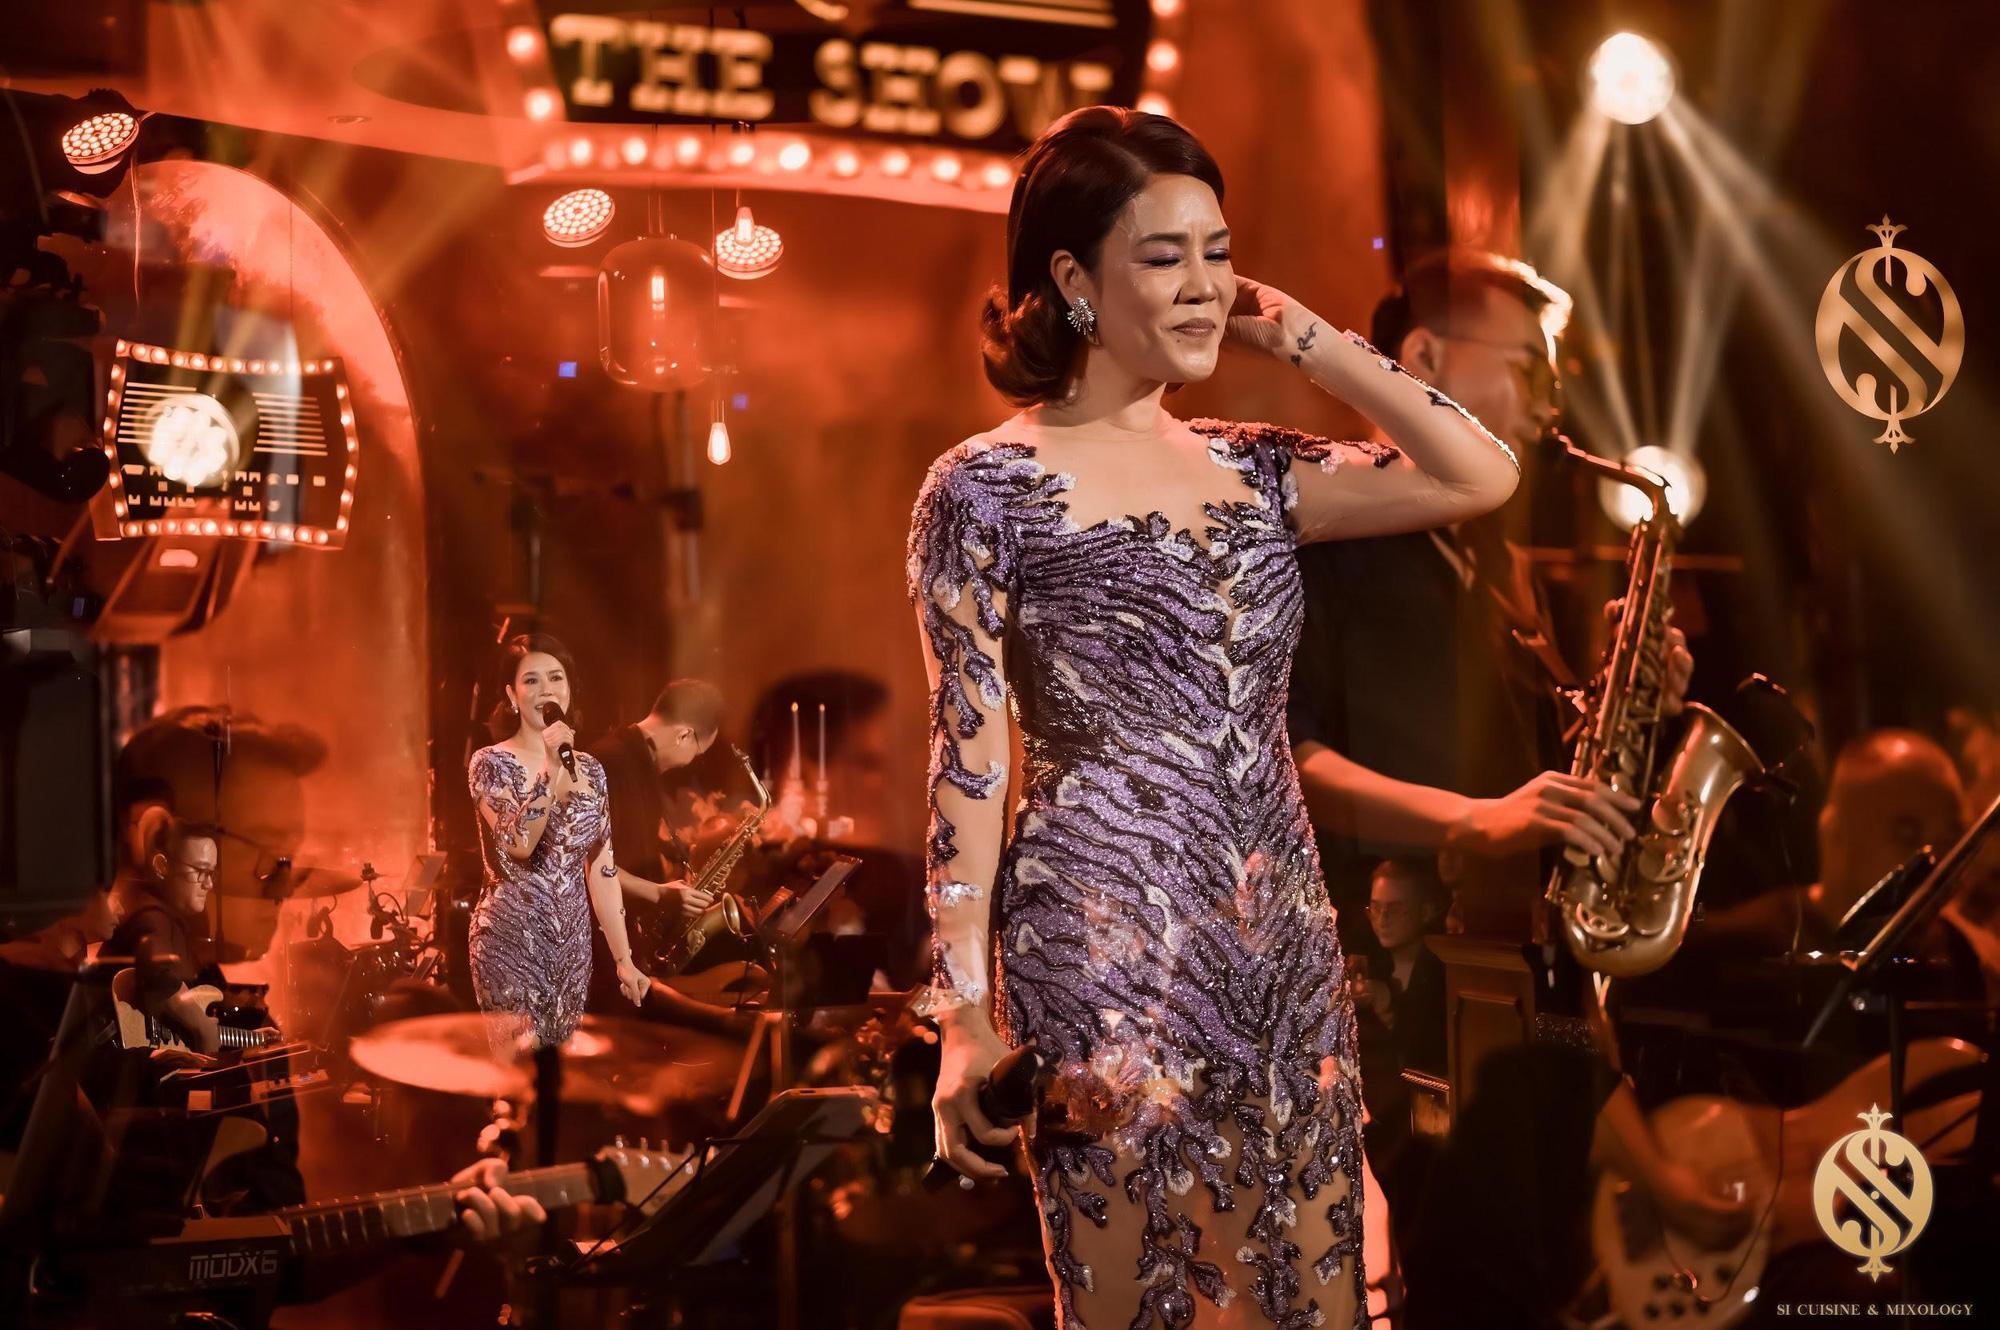 Back to 2000s: Ngược dòng thời gian cùng đôi bạn Thu Phương - Lam Trường trong Si The Show #7 - Ảnh 3.